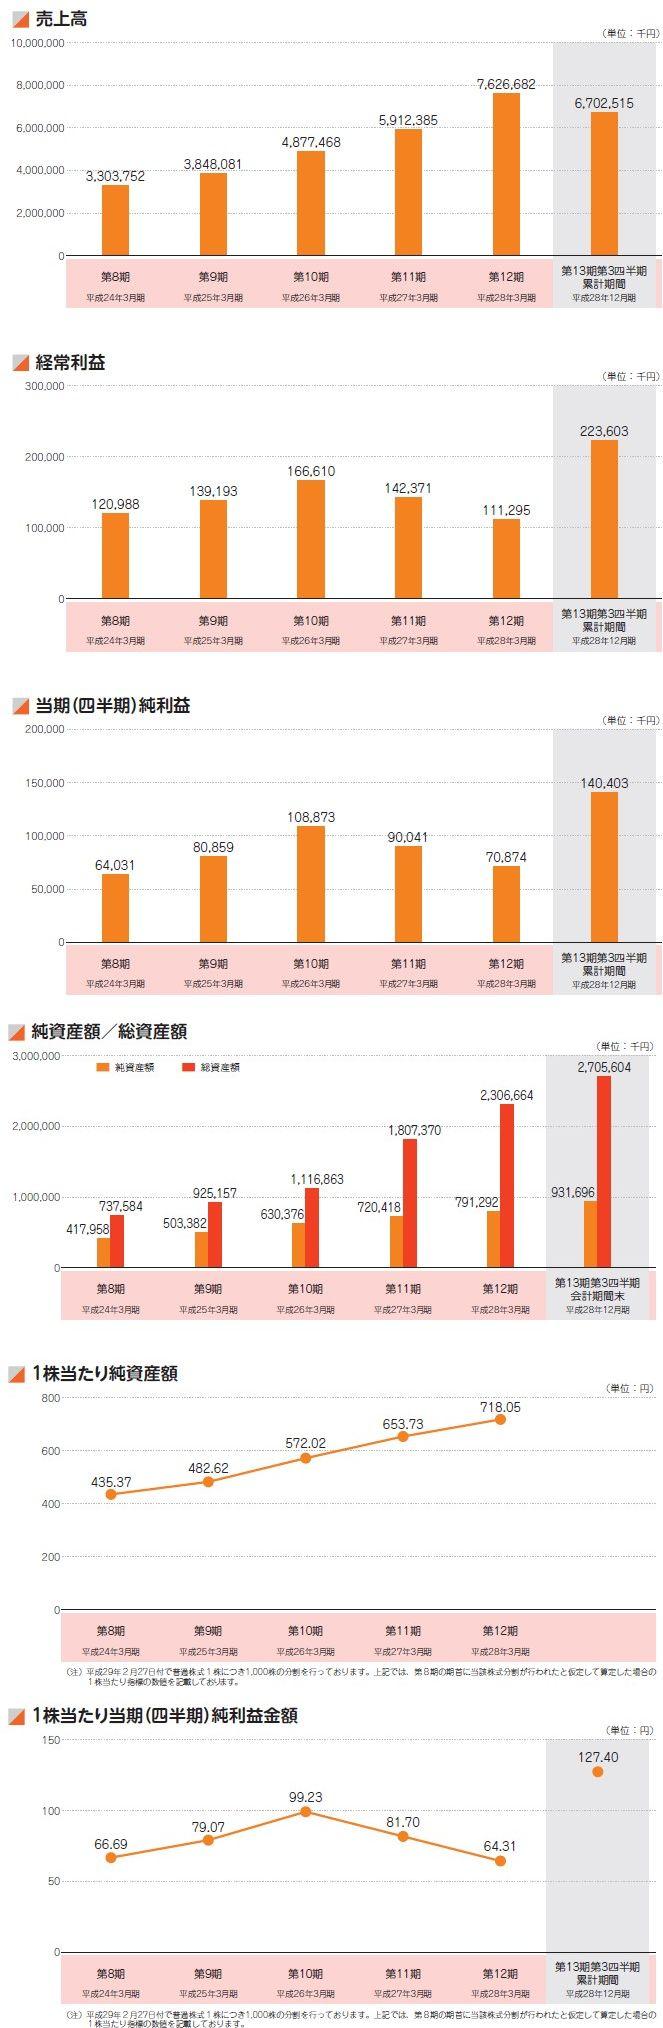 ディーエムソリューションズの経営指標グラフ